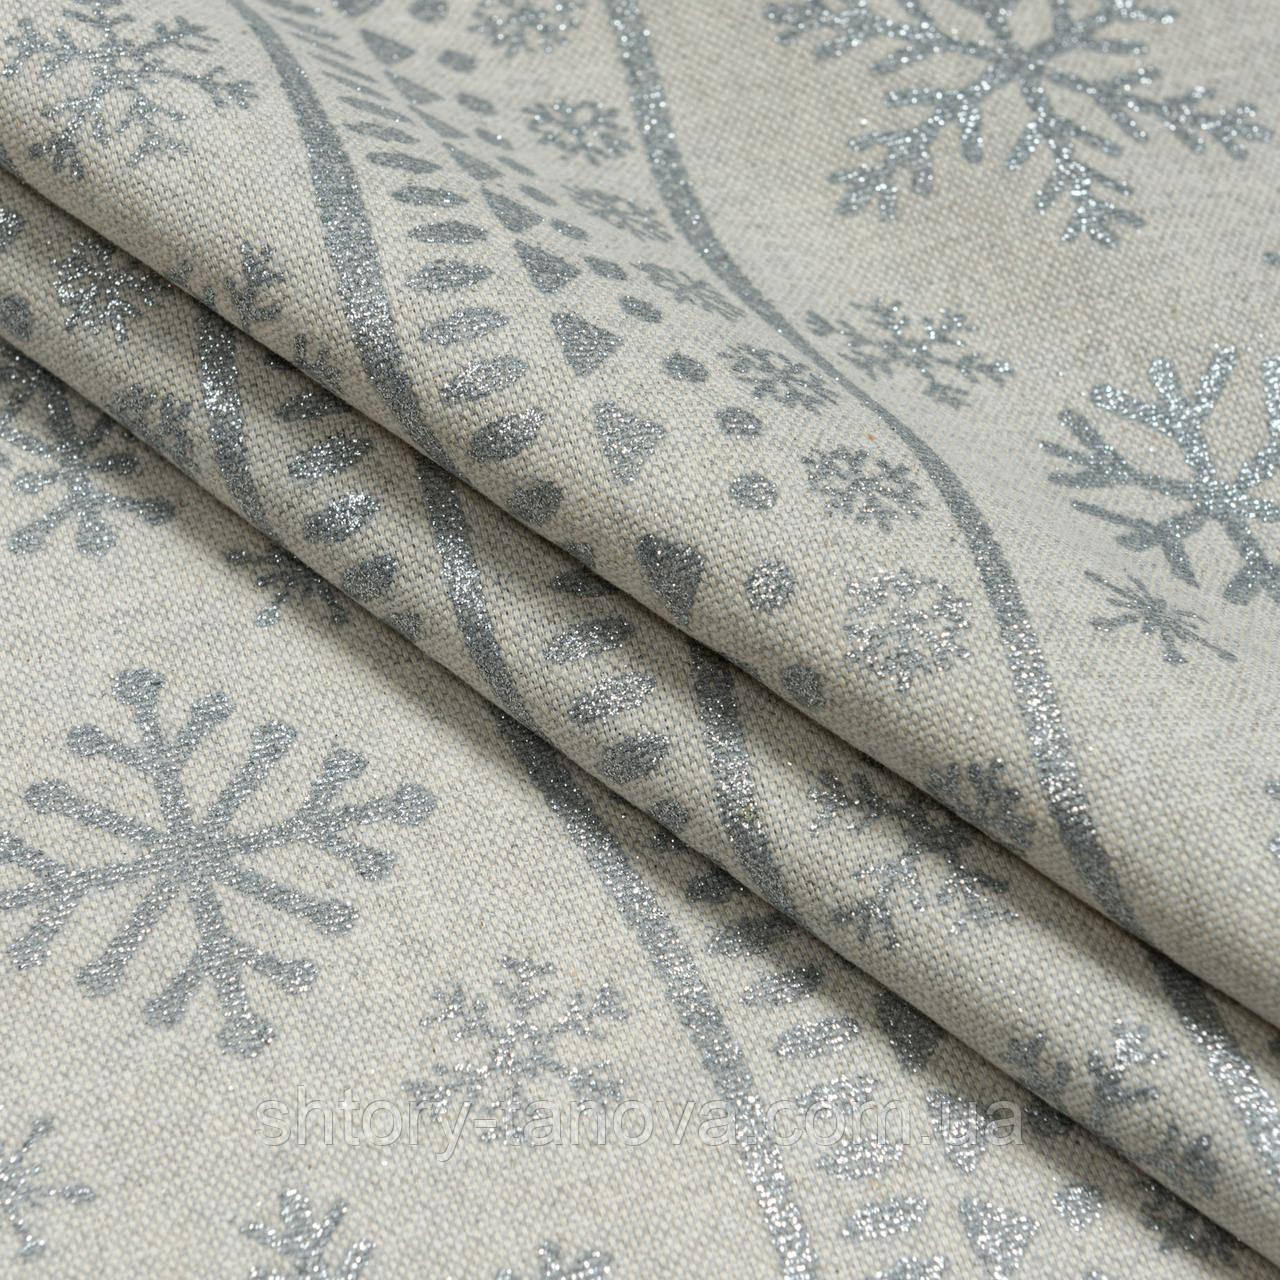 Декоративна тканина, бавовна 80%, поліестер 20%, з новорічним принтом, срібні сніжинки